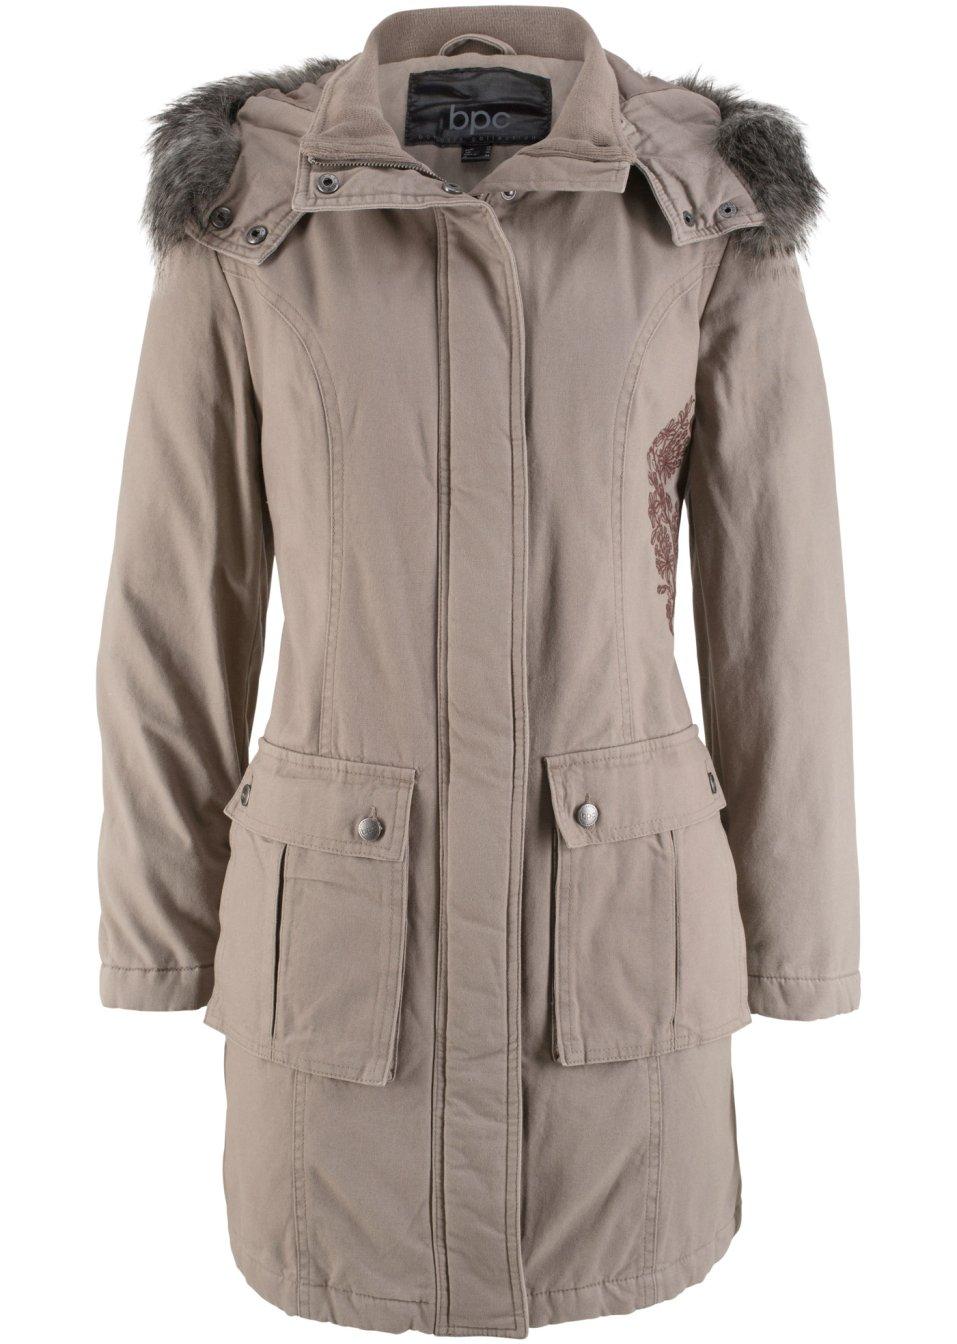 manteau en coton avec broderie taupe bpc bonprix collection. Black Bedroom Furniture Sets. Home Design Ideas